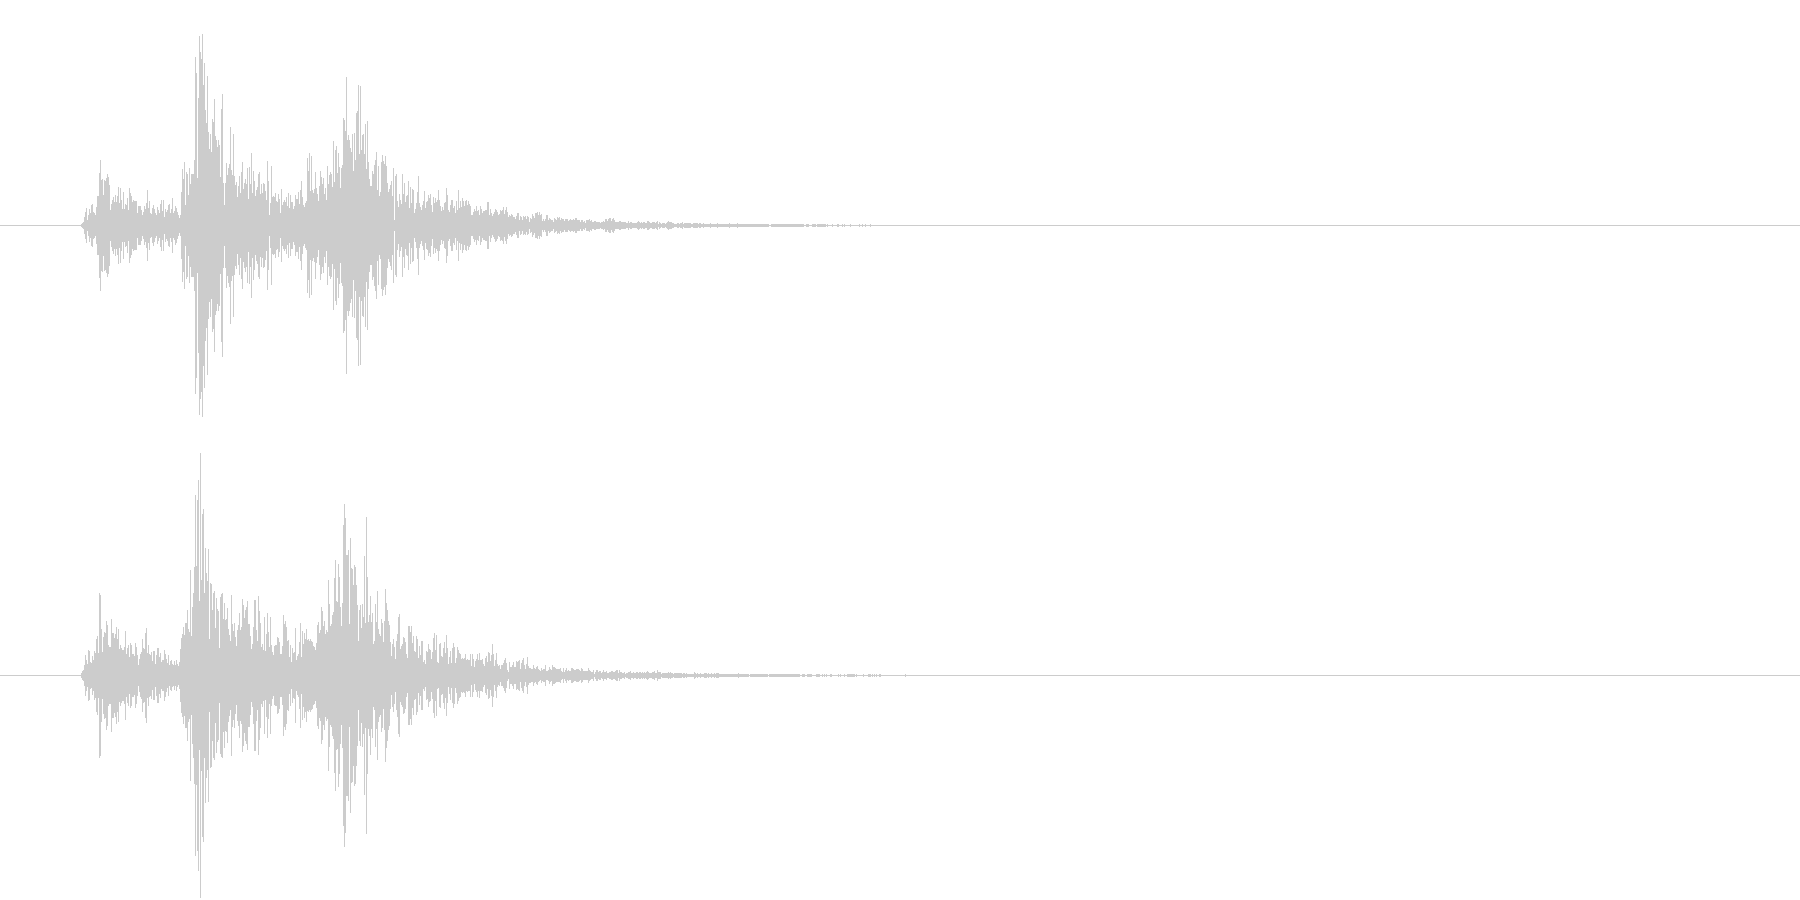 音侍「ドドドン!」歌舞伎の足拍子の連打音の未再生の波形